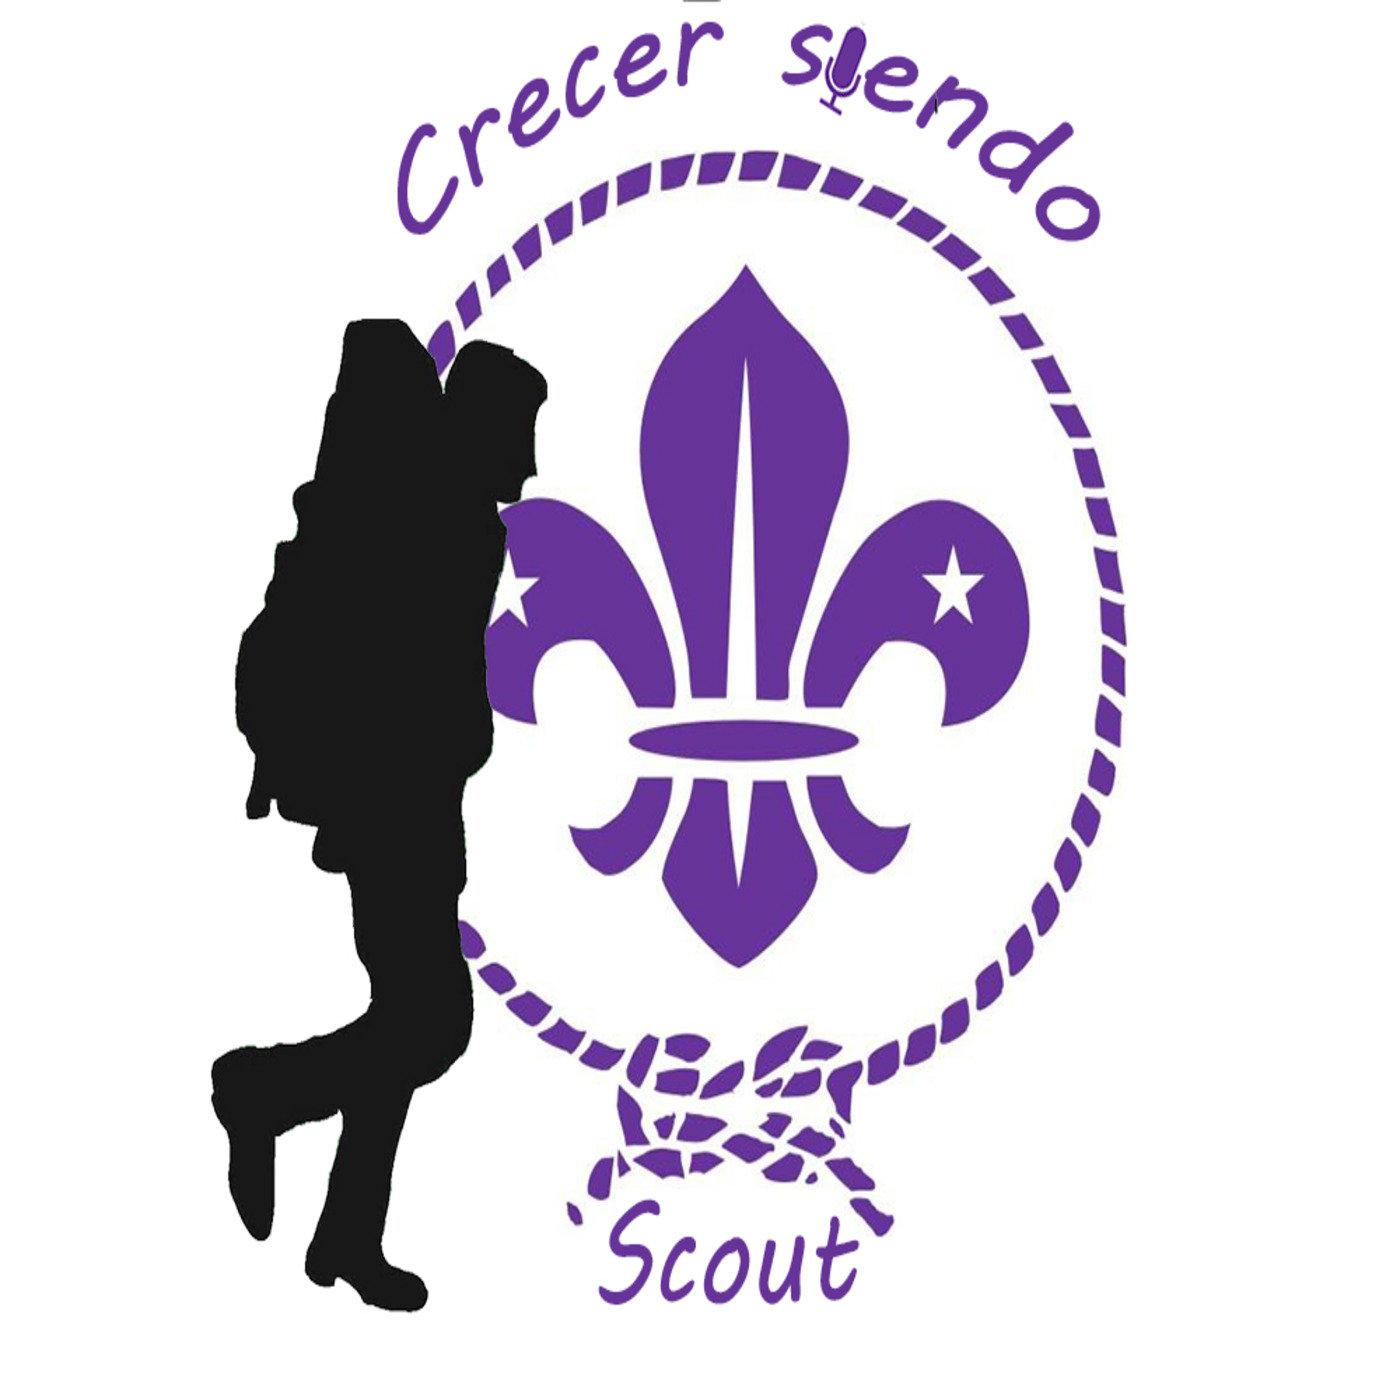 <![CDATA[Crecer Siendo Scout]]>